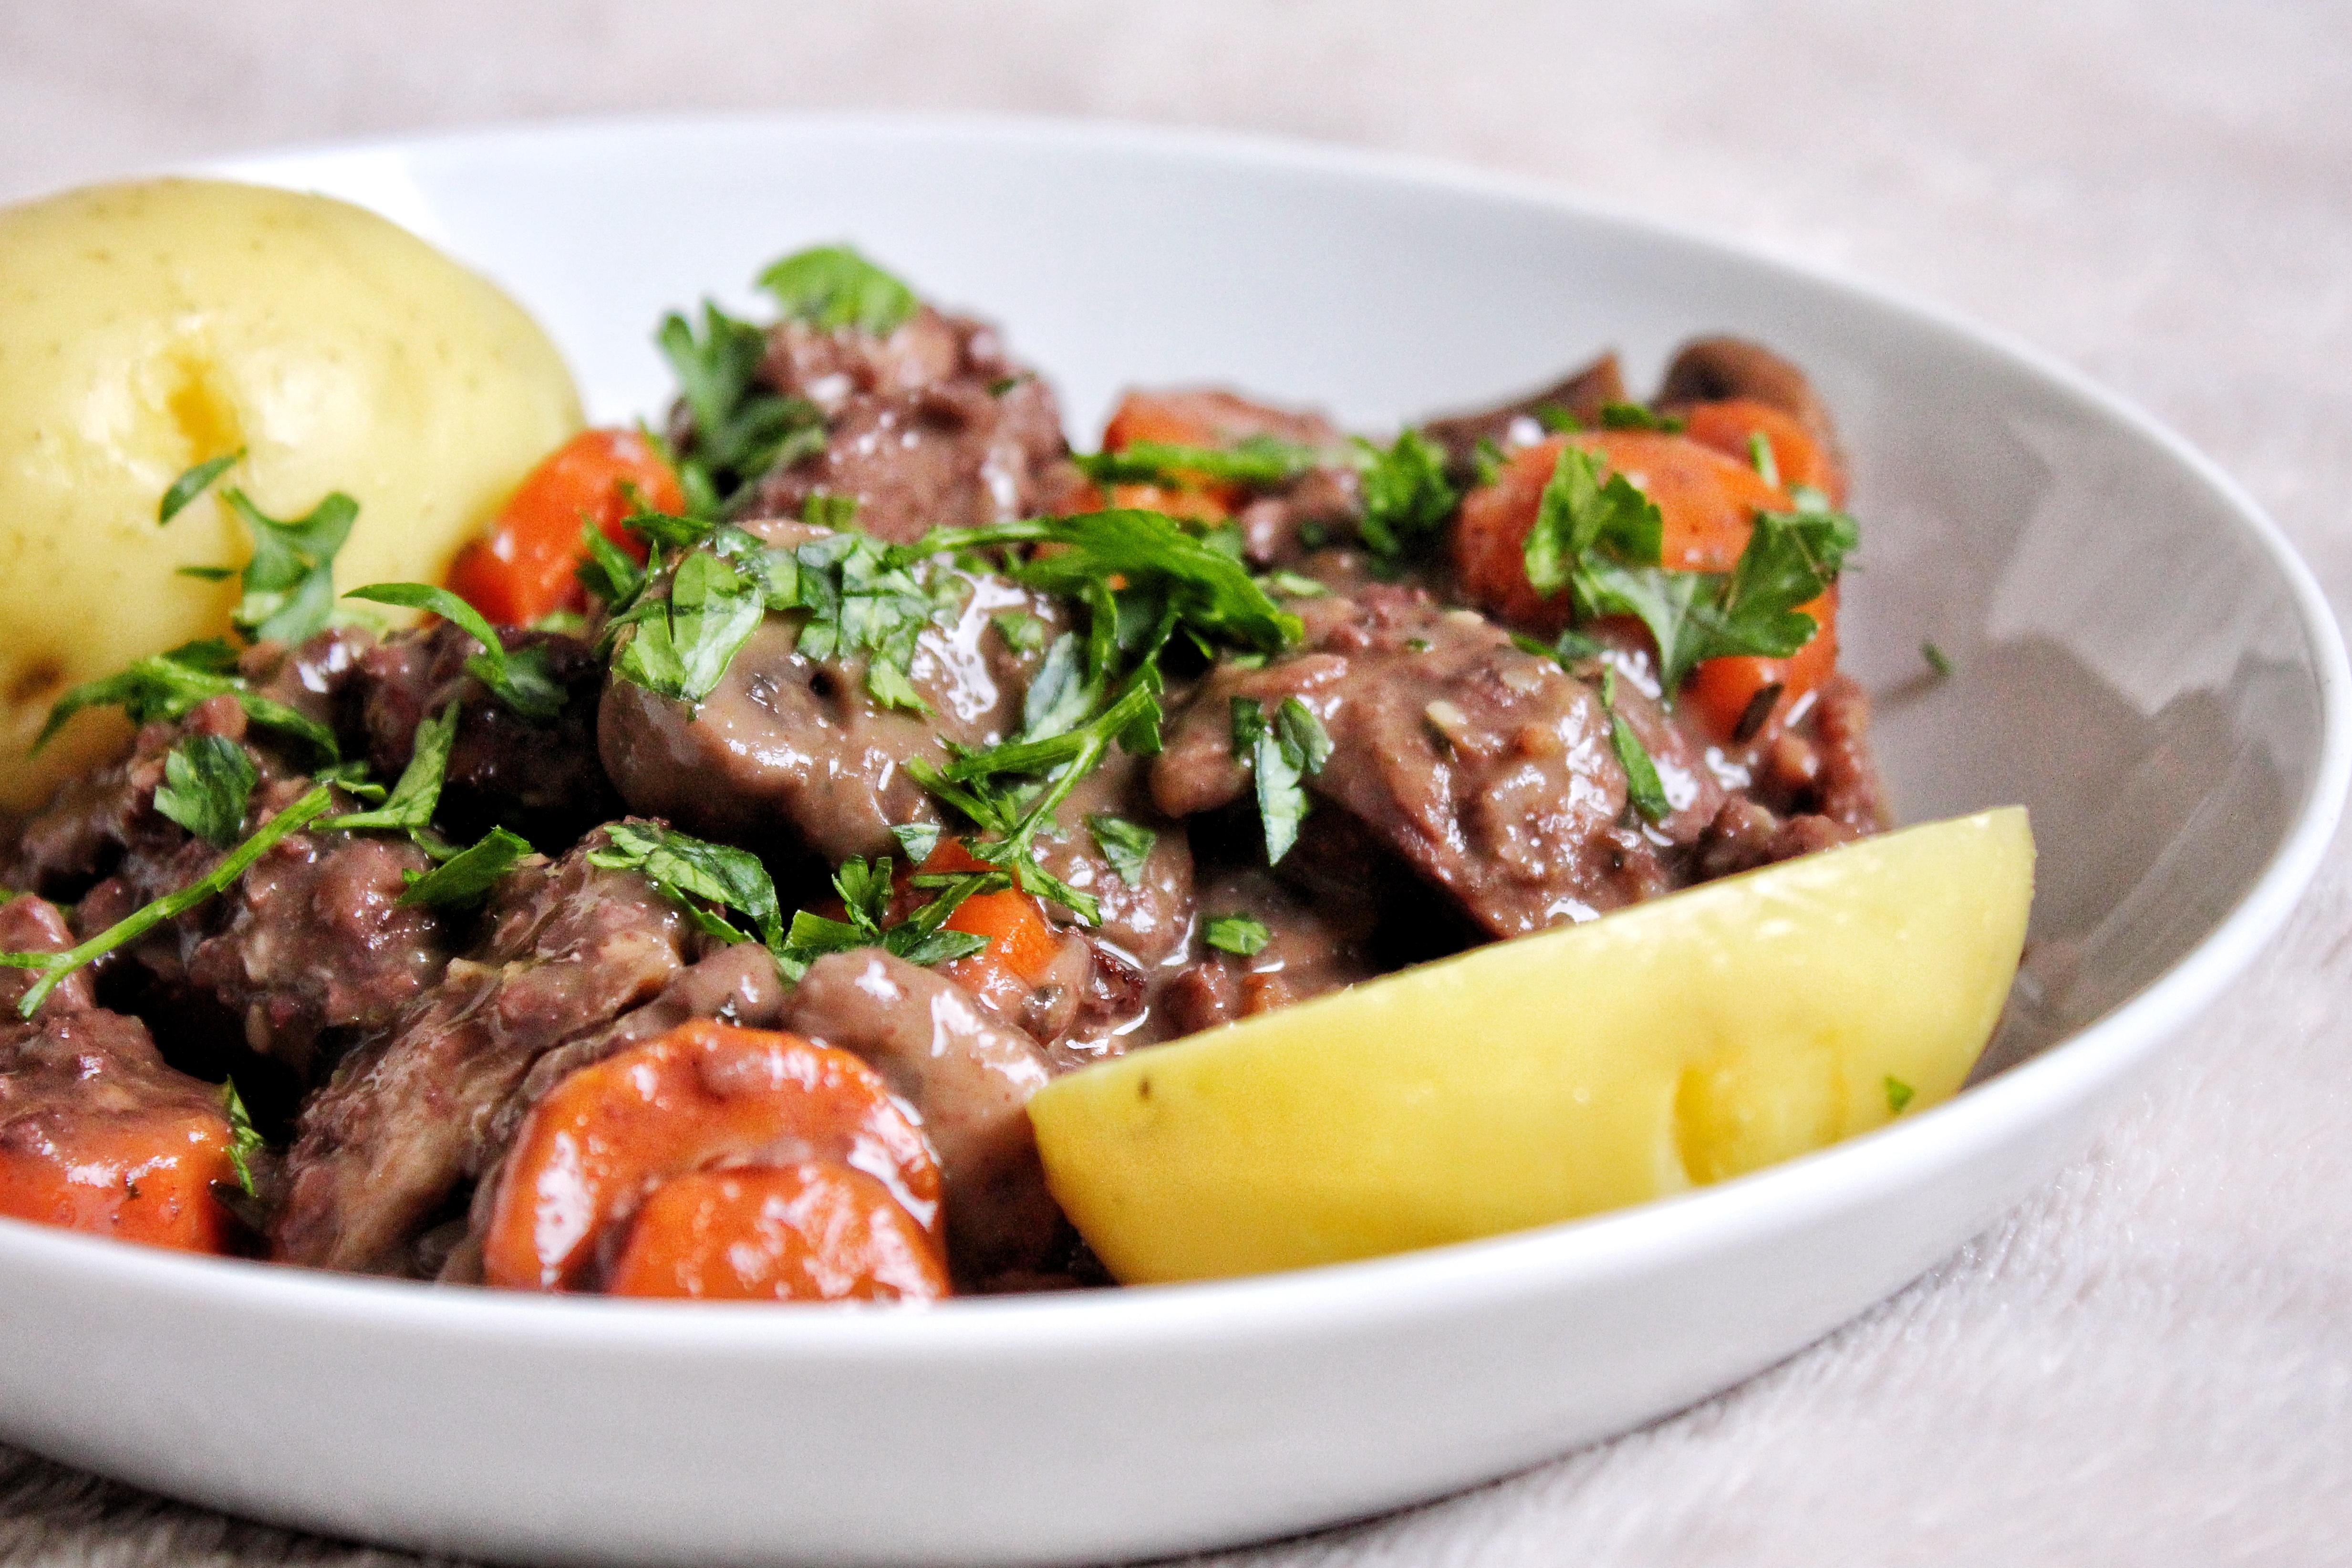 Bœuf bourguignon vegan végétarien sans gluten sans lactose sans viande bio